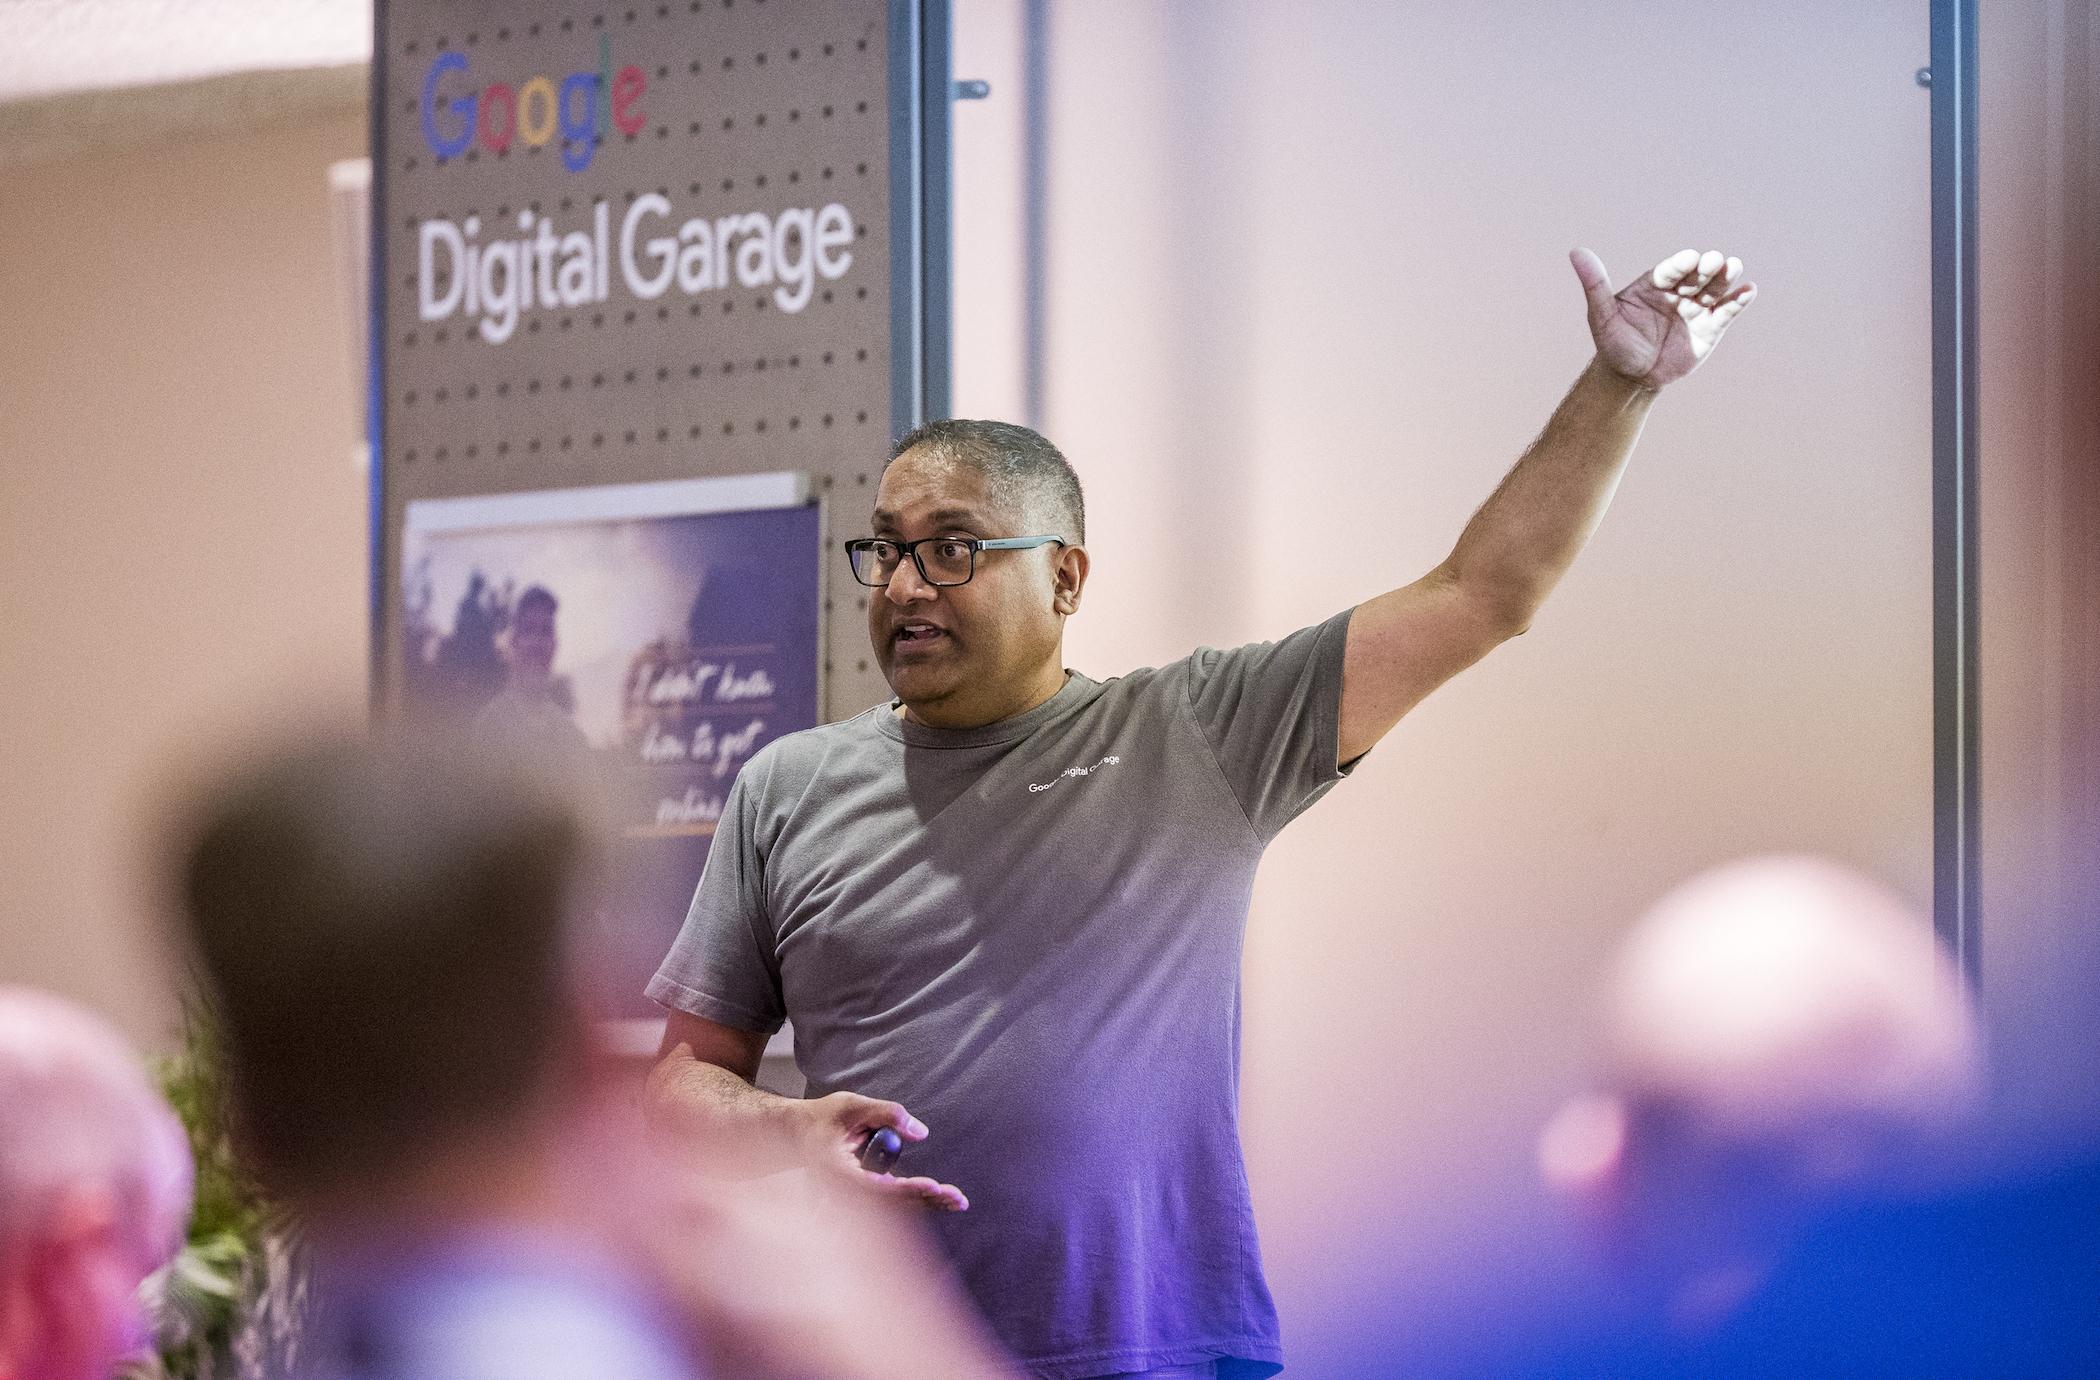 Digital Marketing Strategy with Google Digital Garage